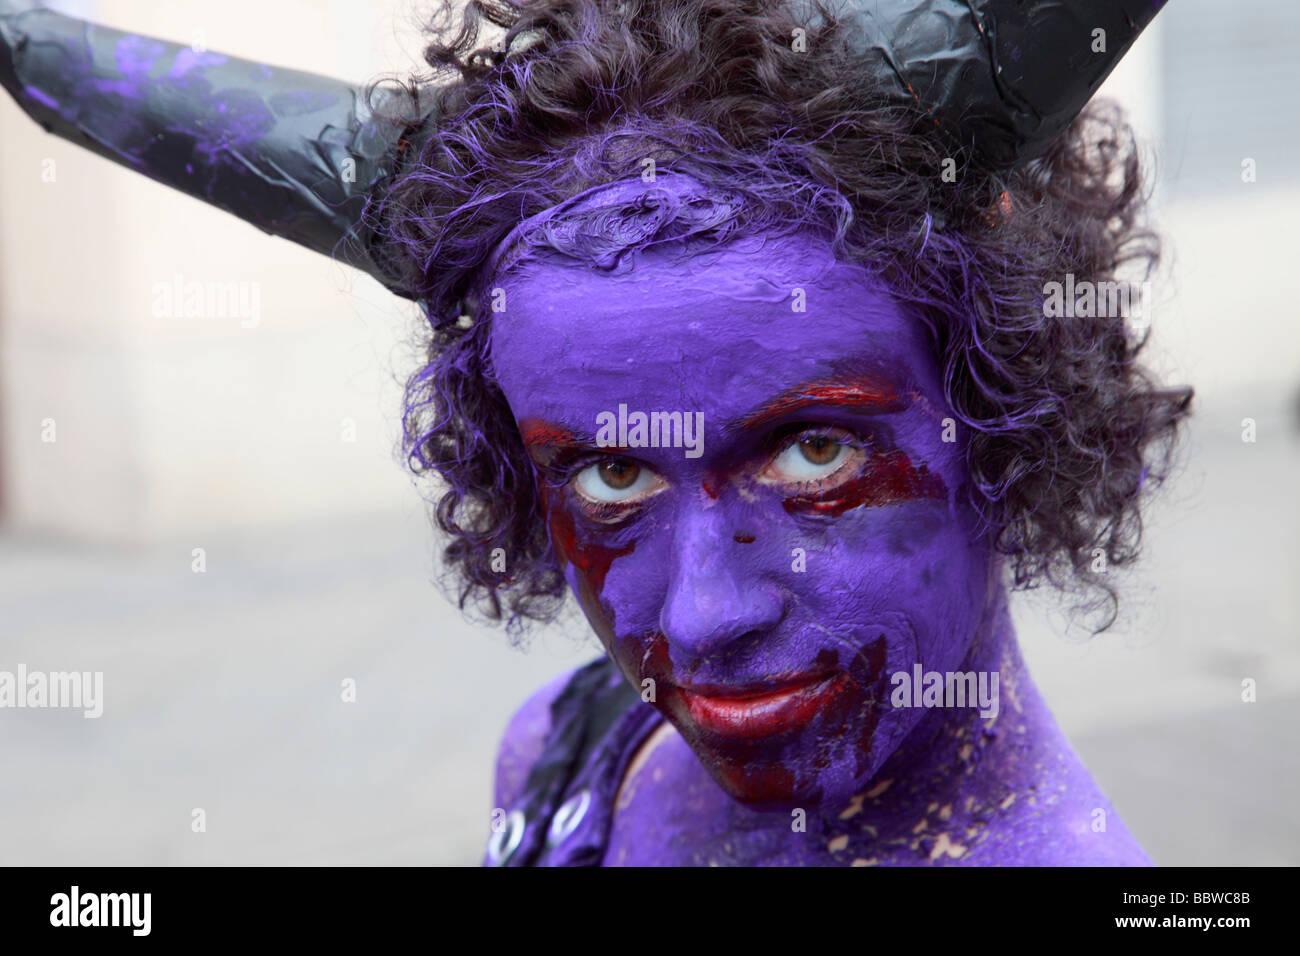 Carnaval de las Culturas de Berlín Alemania mujer con la cara pintada Imagen De Stock